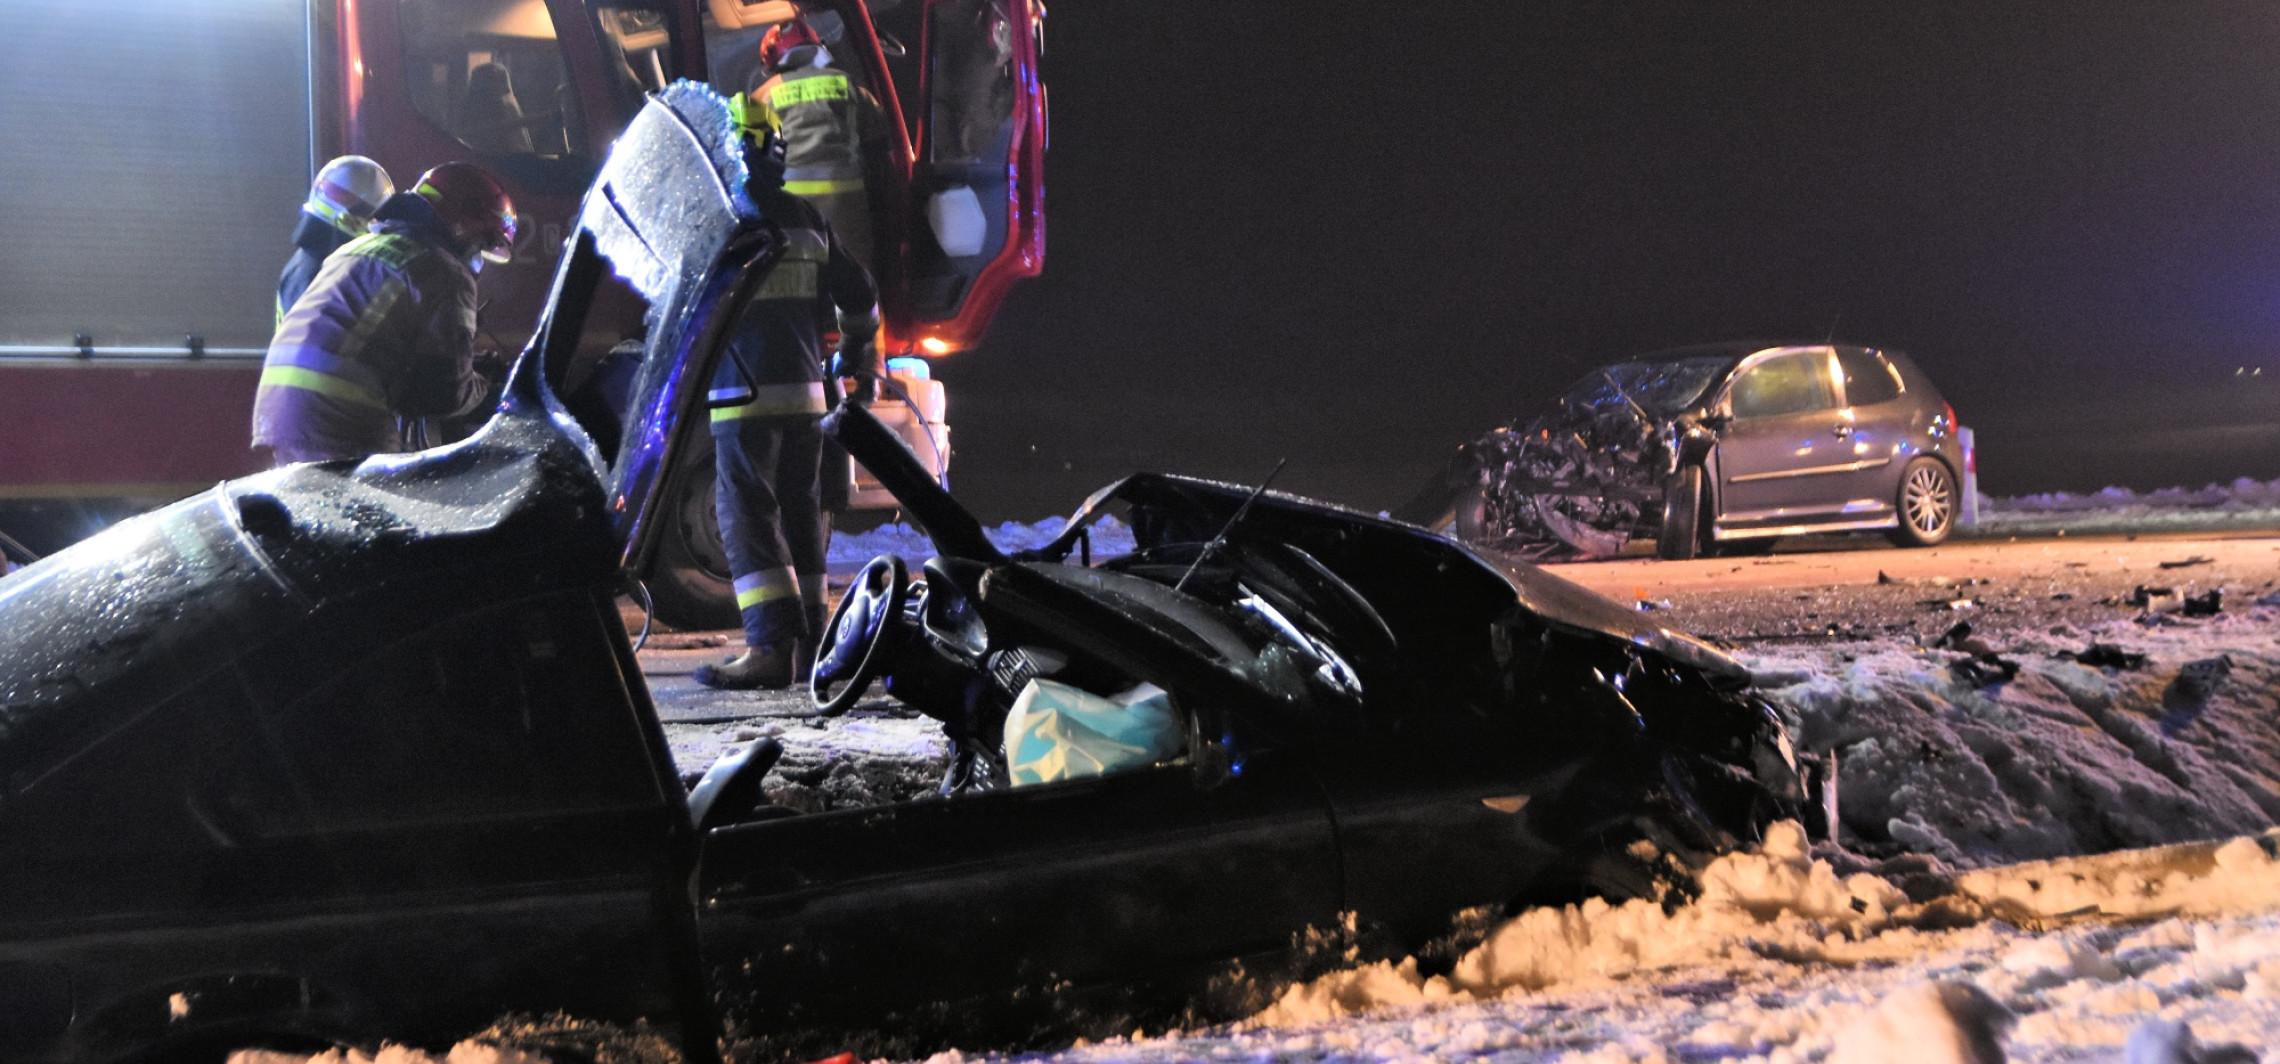 Inowrocław - Groźny wypadek koło Latkowa